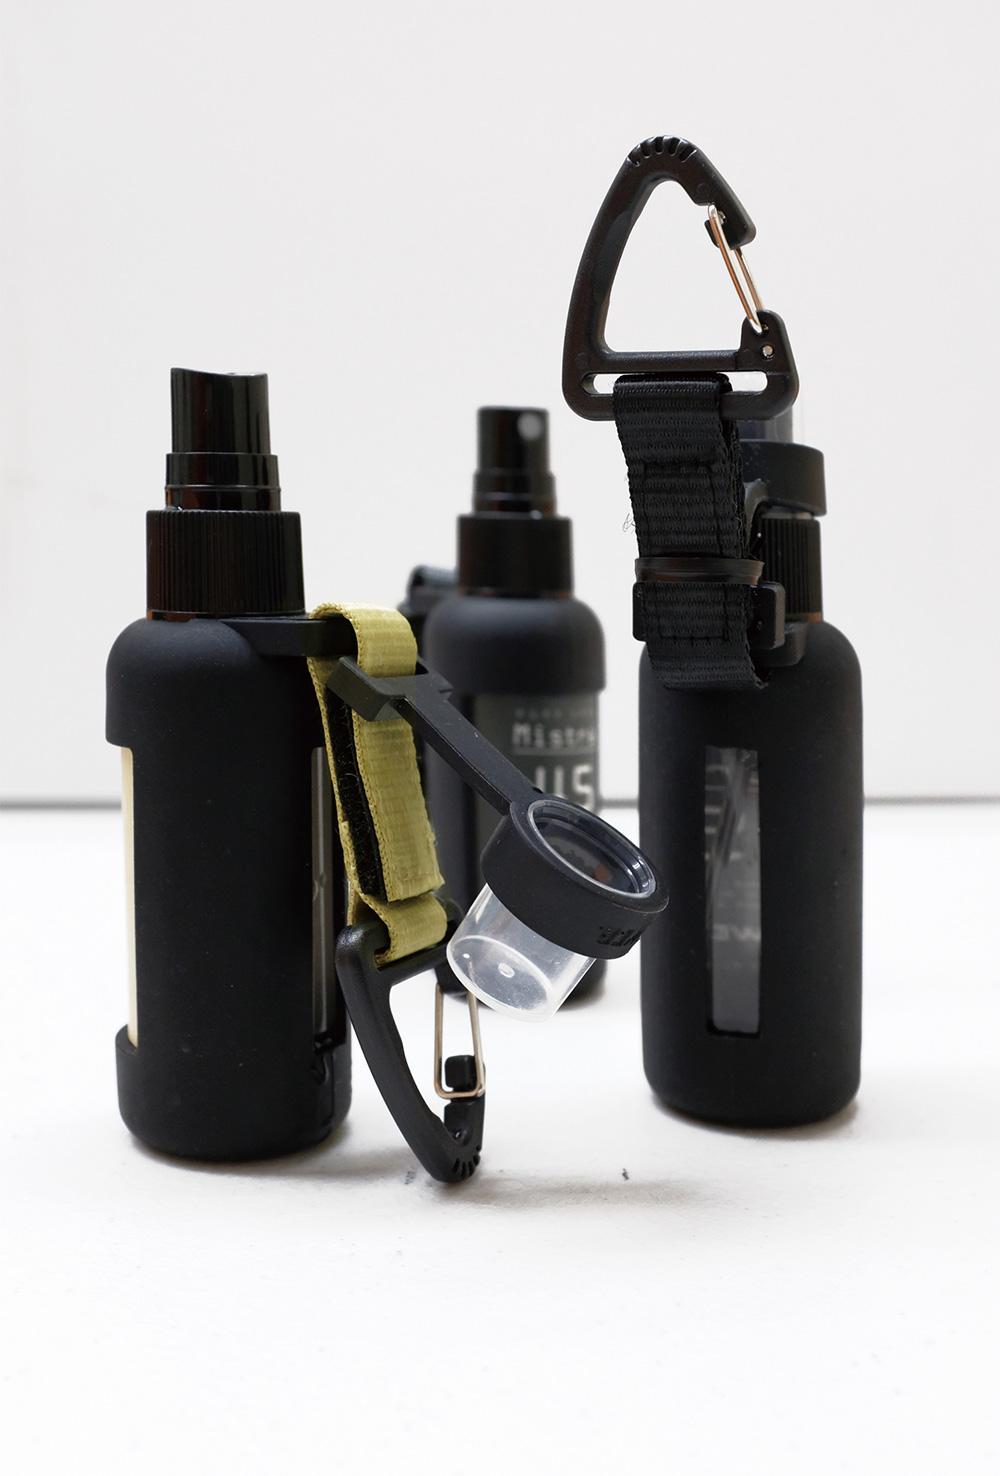 PUMP SPRAY BOTTLE Mistral(ポンプ スプレー ボトル ミストラル)のイメージ写真02